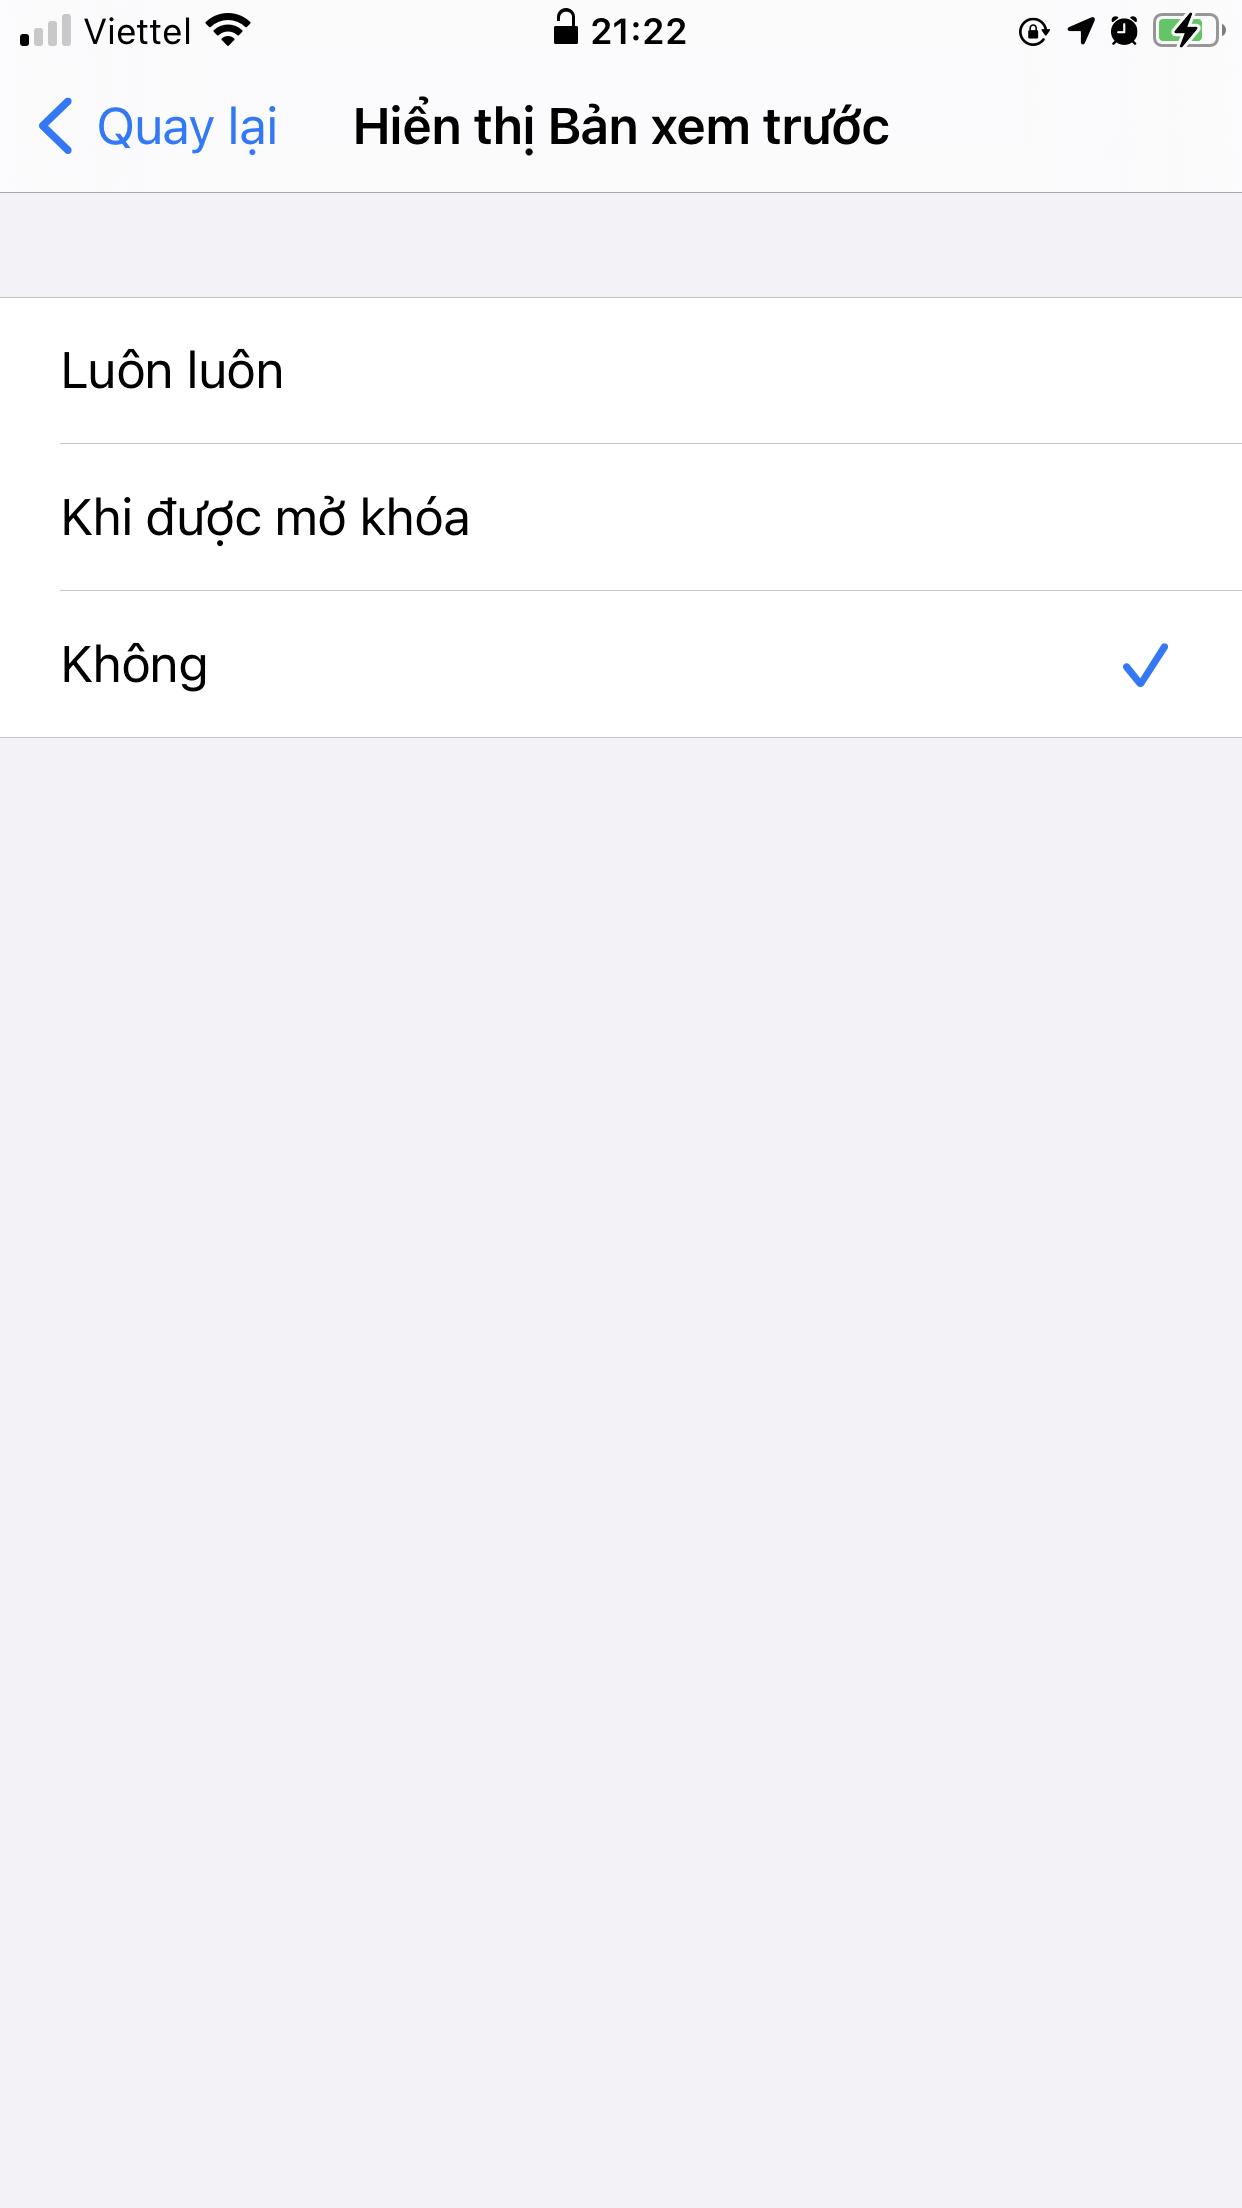 Ẩn ngay nội dung thông báo trên màn hình khóa iPhone với vài thao tác siêu đơn giản - Ảnh 5.